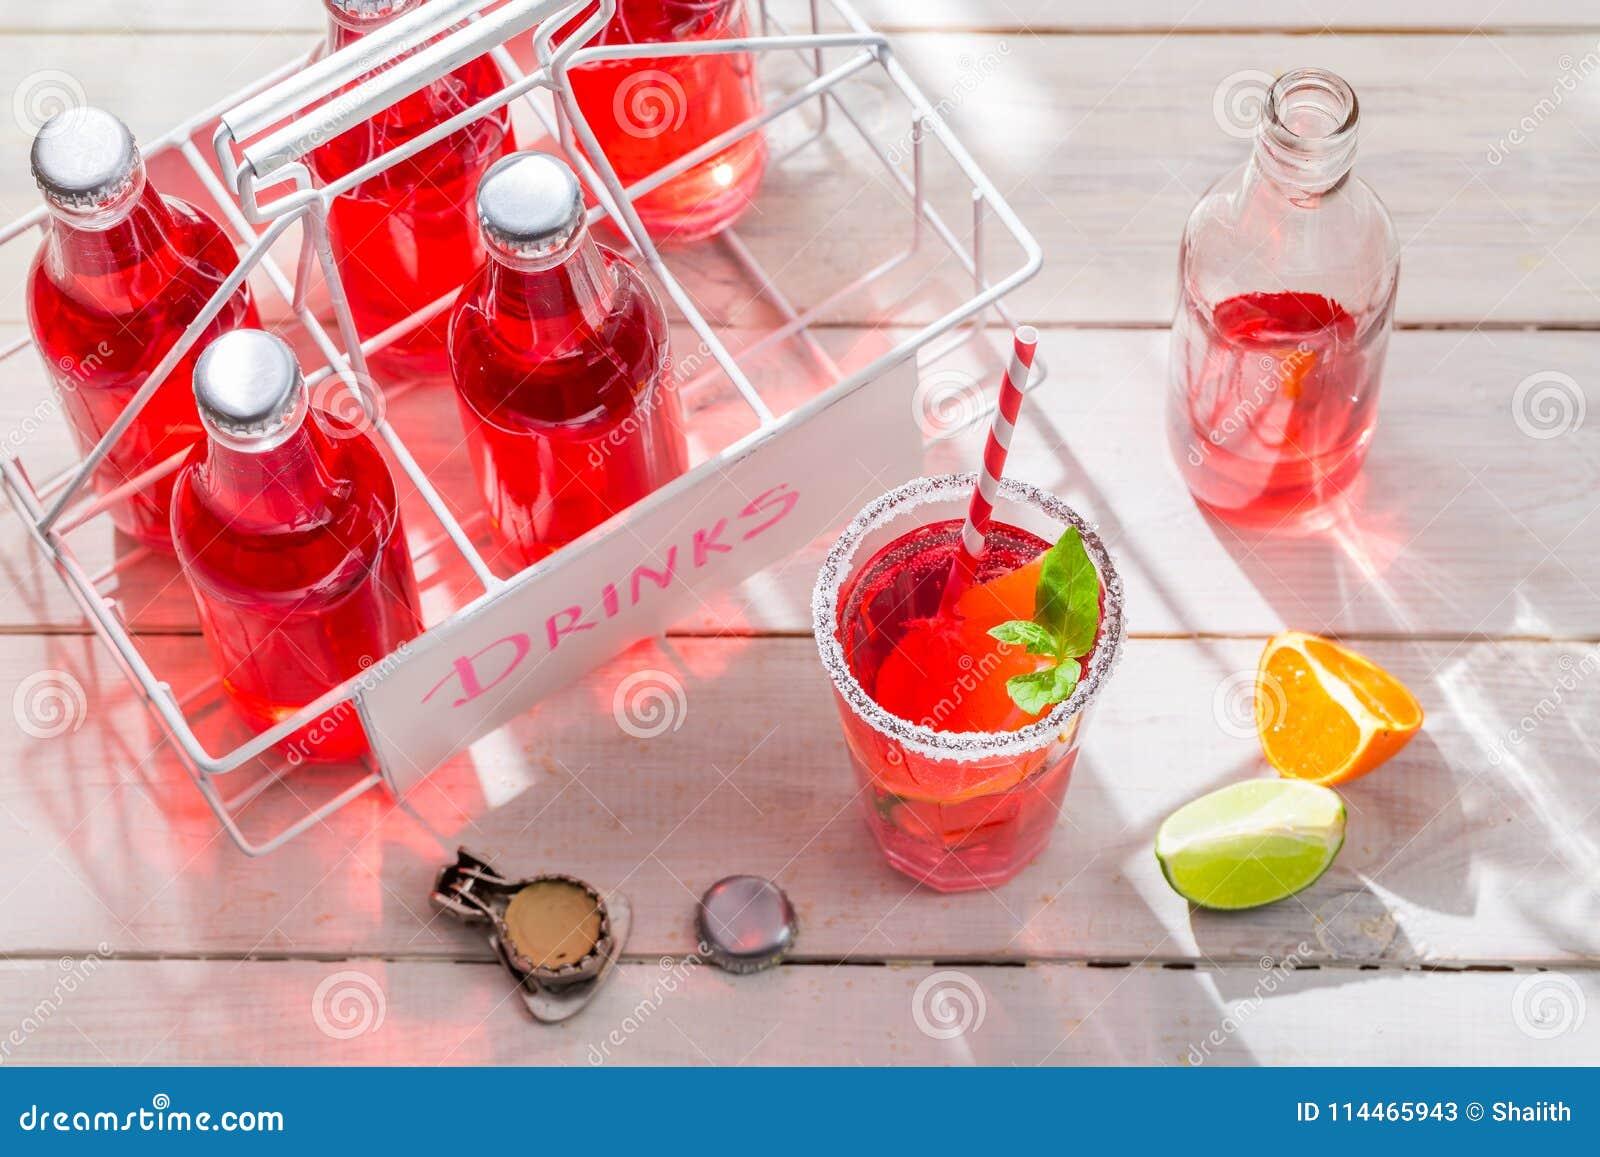 Orangeade dans la bouteille avec des agrumes